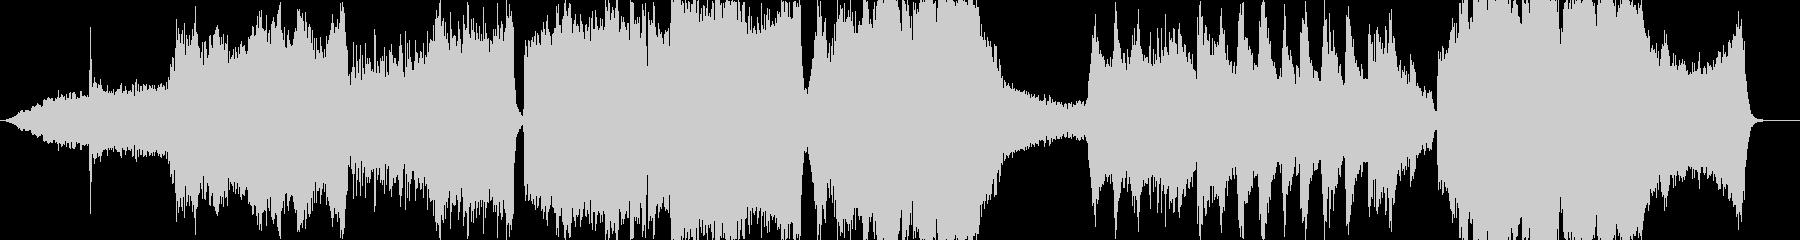 スリリングなサスペンス系の未再生の波形